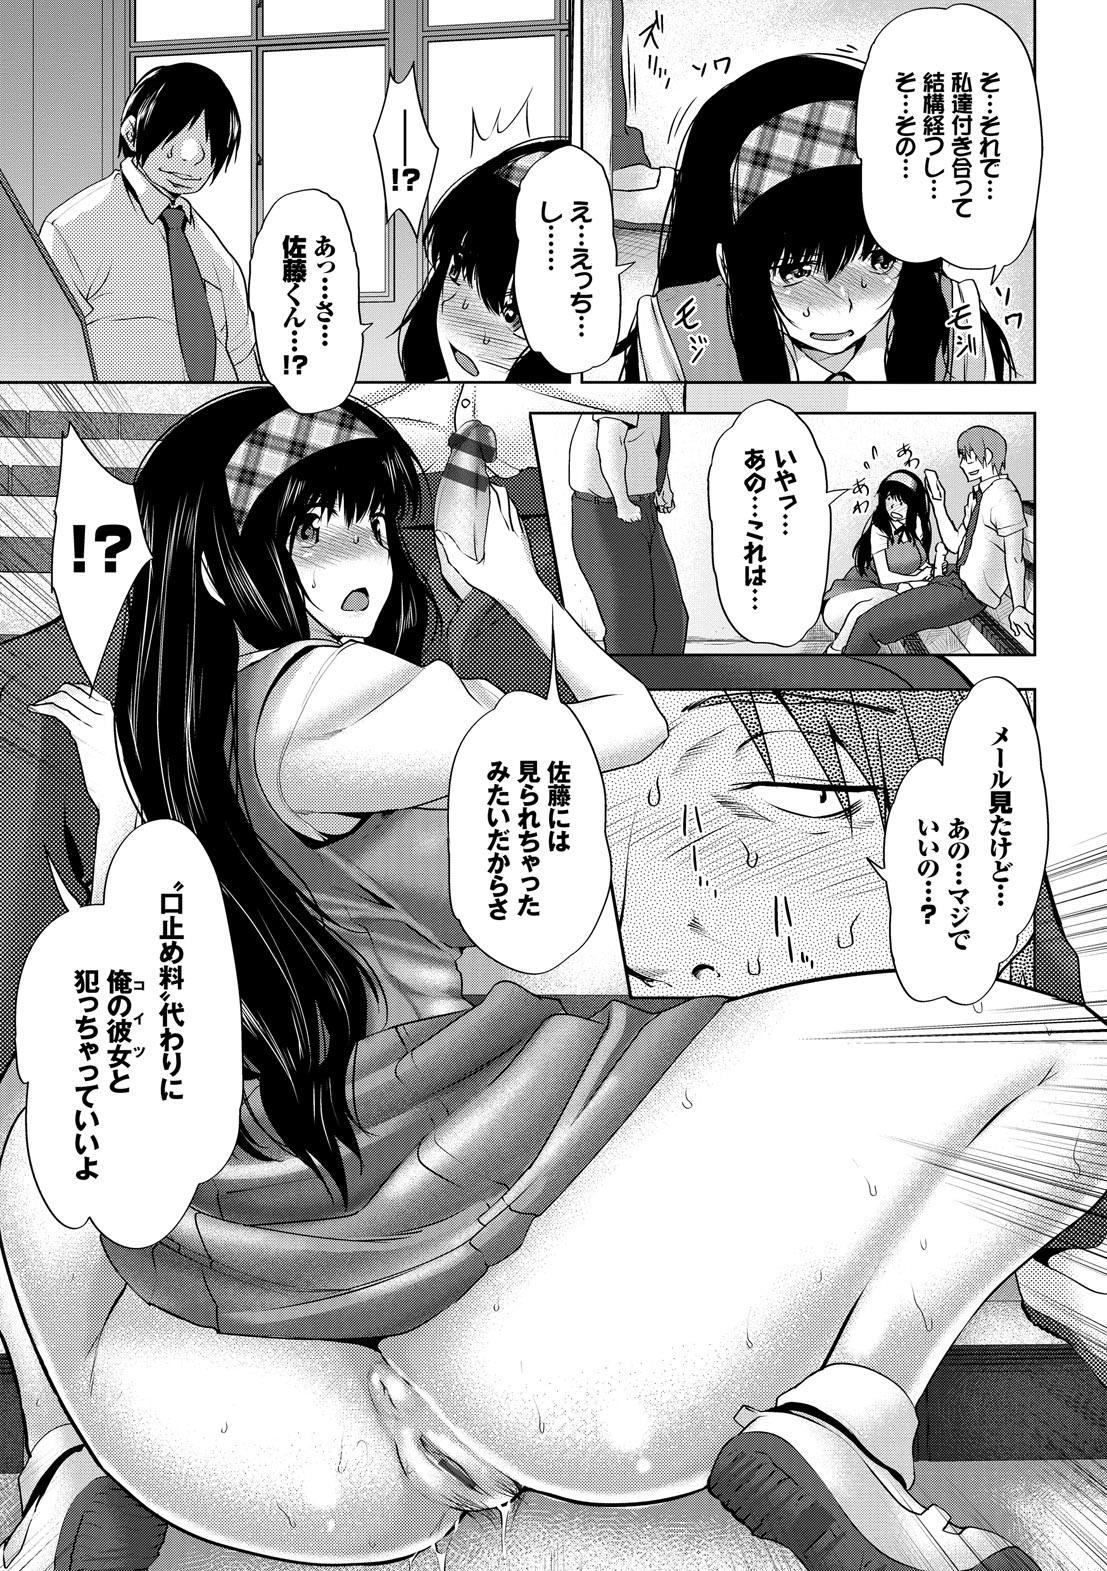 Mesu no Tadashii Haramasekata 92